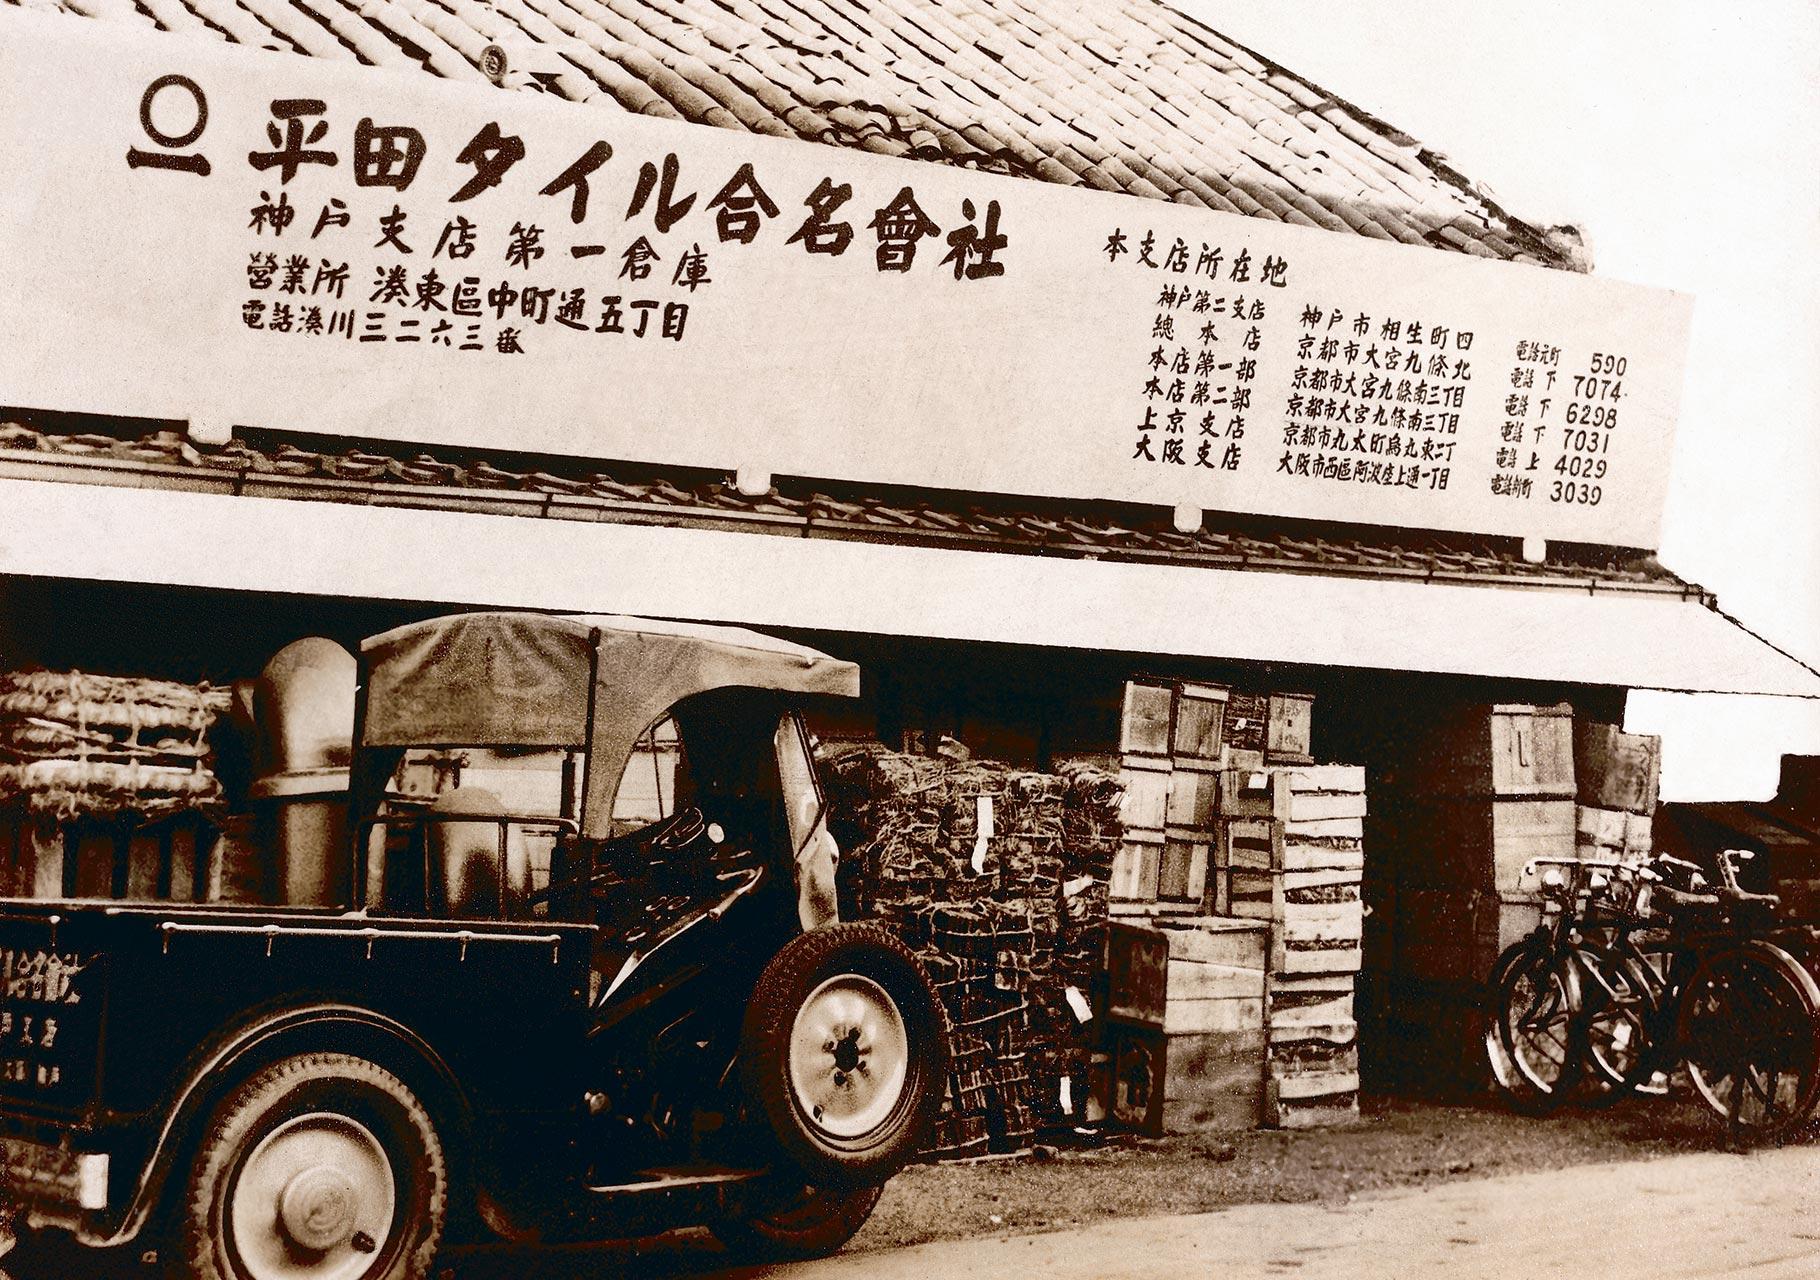 おびただしい数の商材が格納された神戸支店倉庫